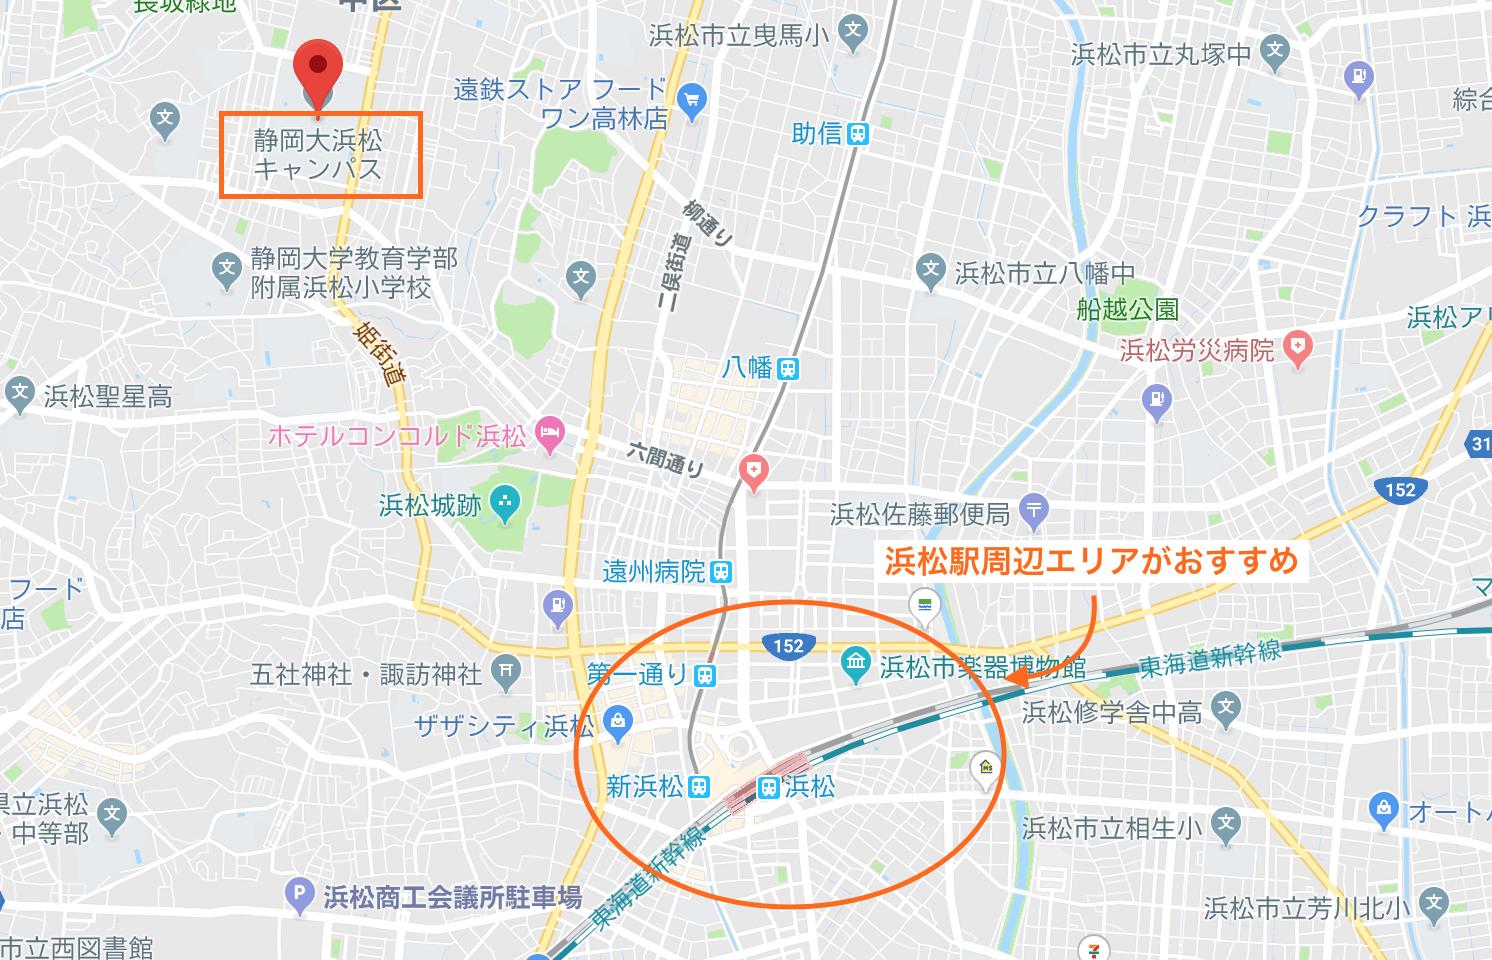 静岡大学の浜松キャンパス周辺の宿泊エリア